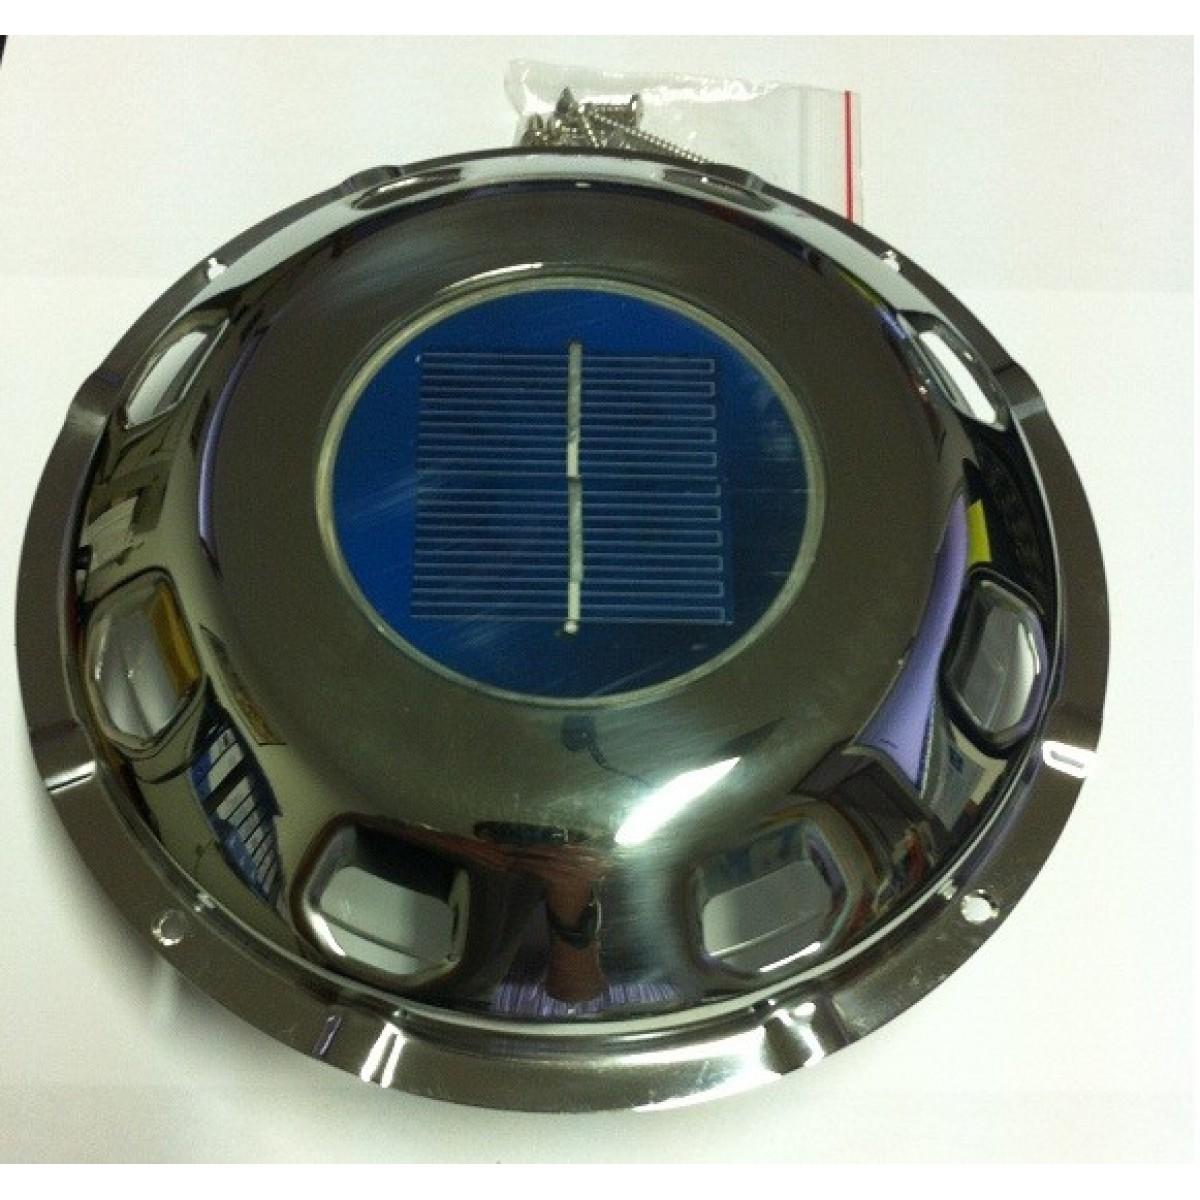 Pannello Solare Con Cd : Areatore con pannello solare attrezzature di coperta